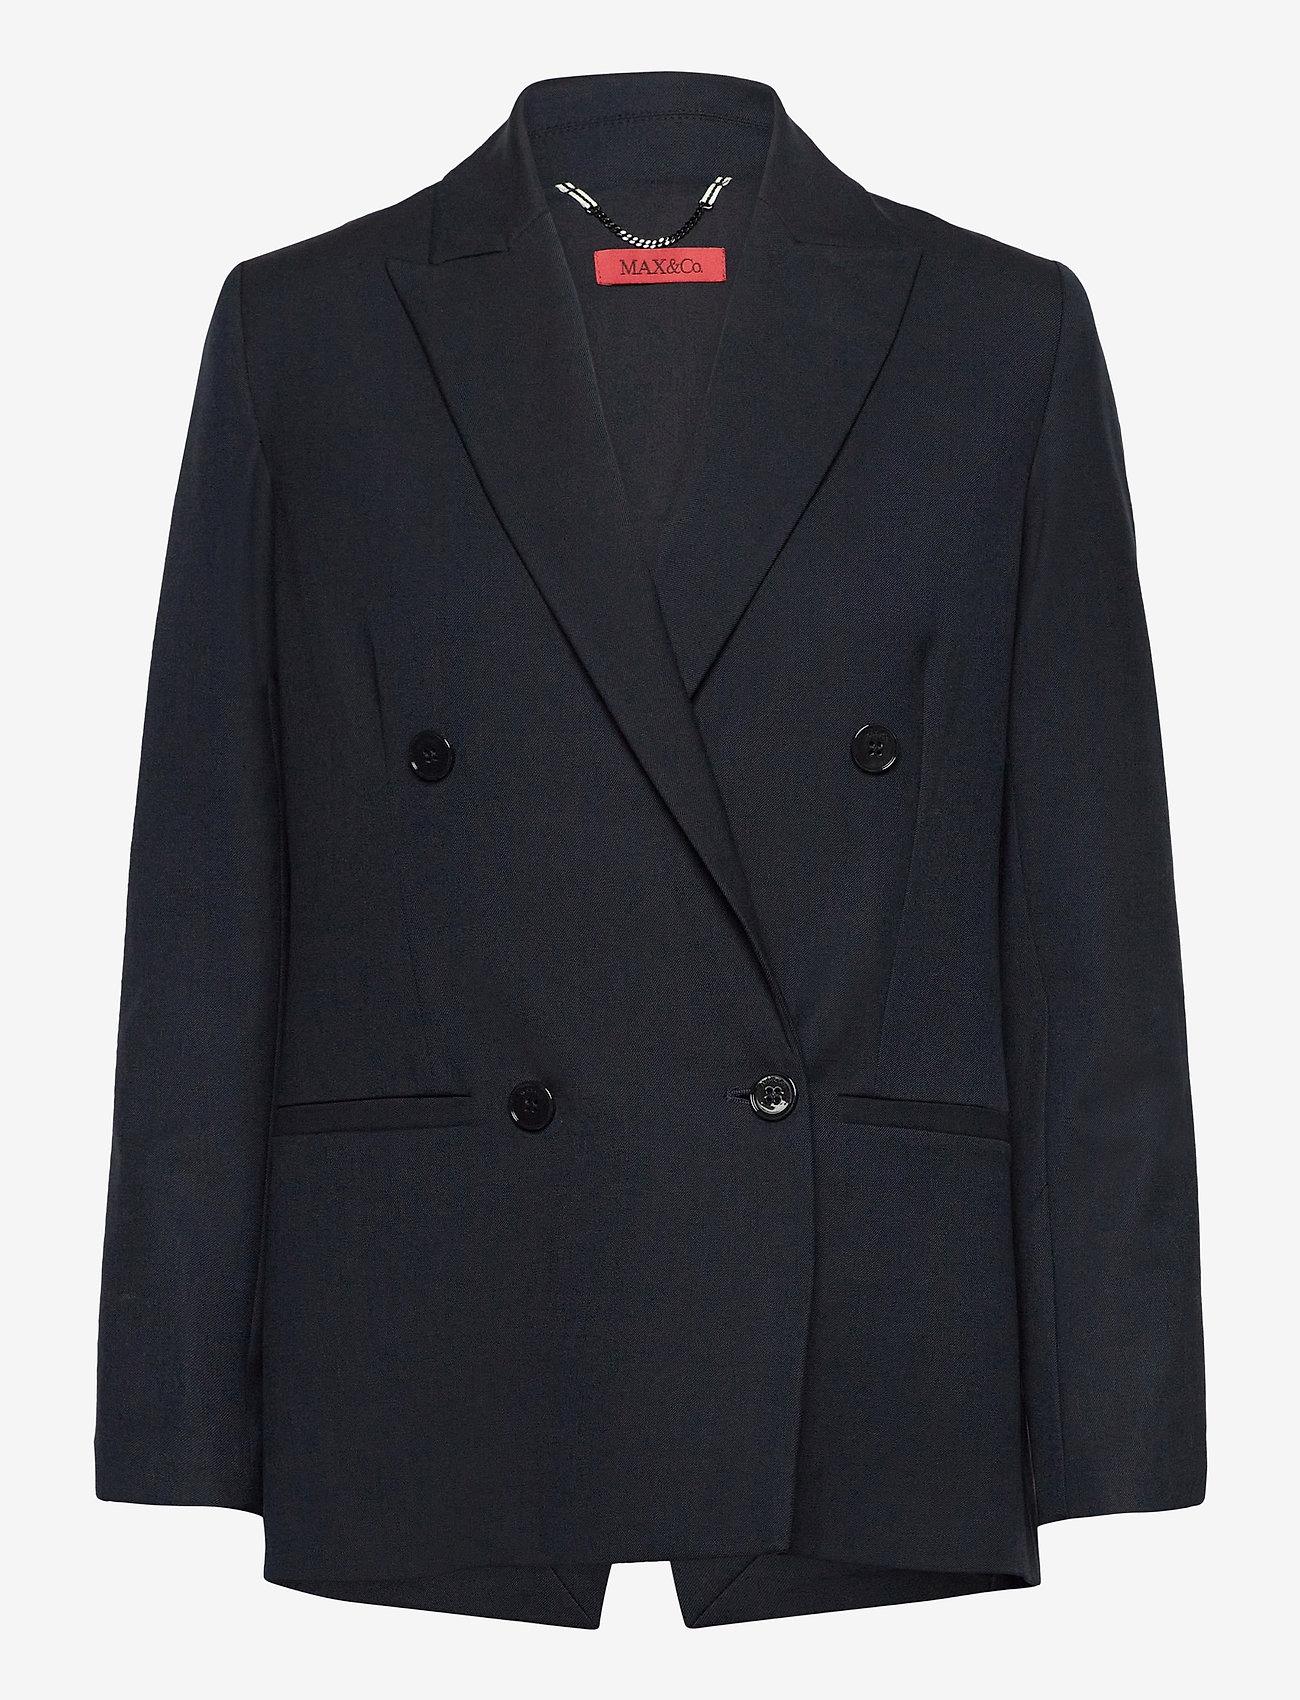 Max&Co. - CAGLIARI - oversized blazers - midnight blue - 0